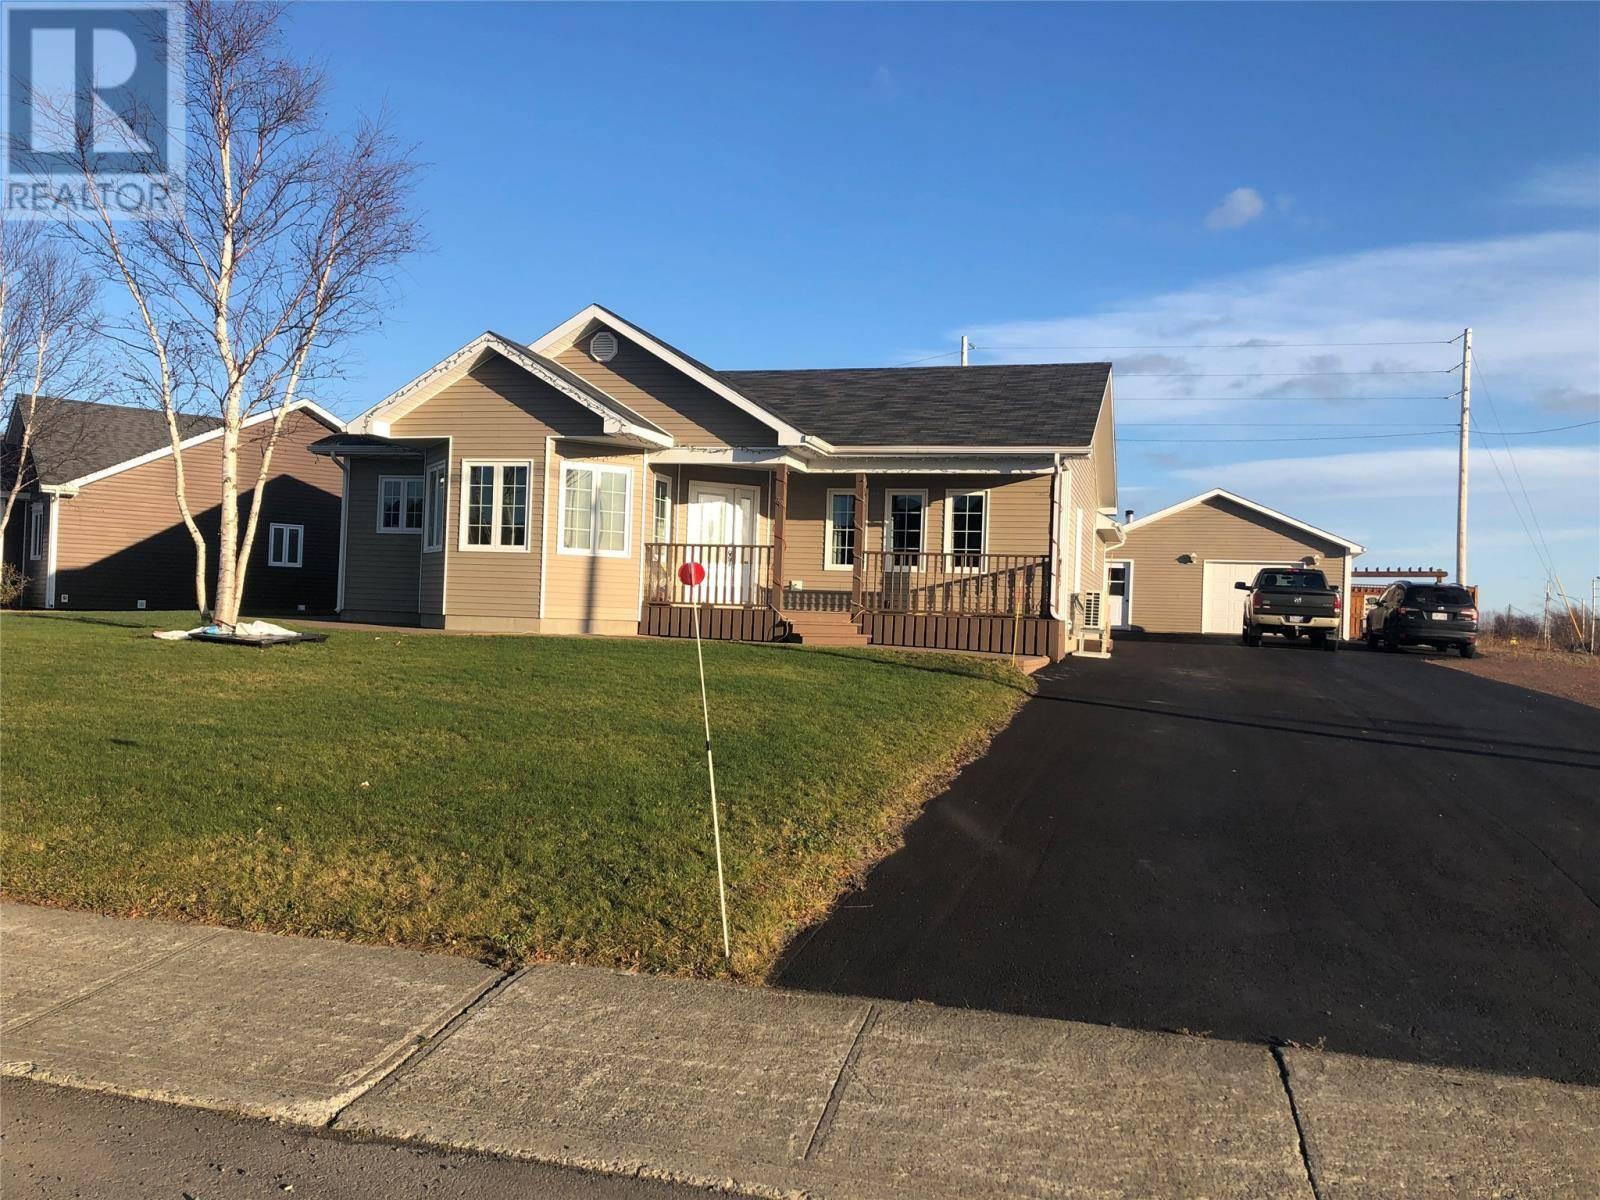 House for sale at 78 Peddle Dr Grand Falls-windsor Newfoundland - MLS: 1207226